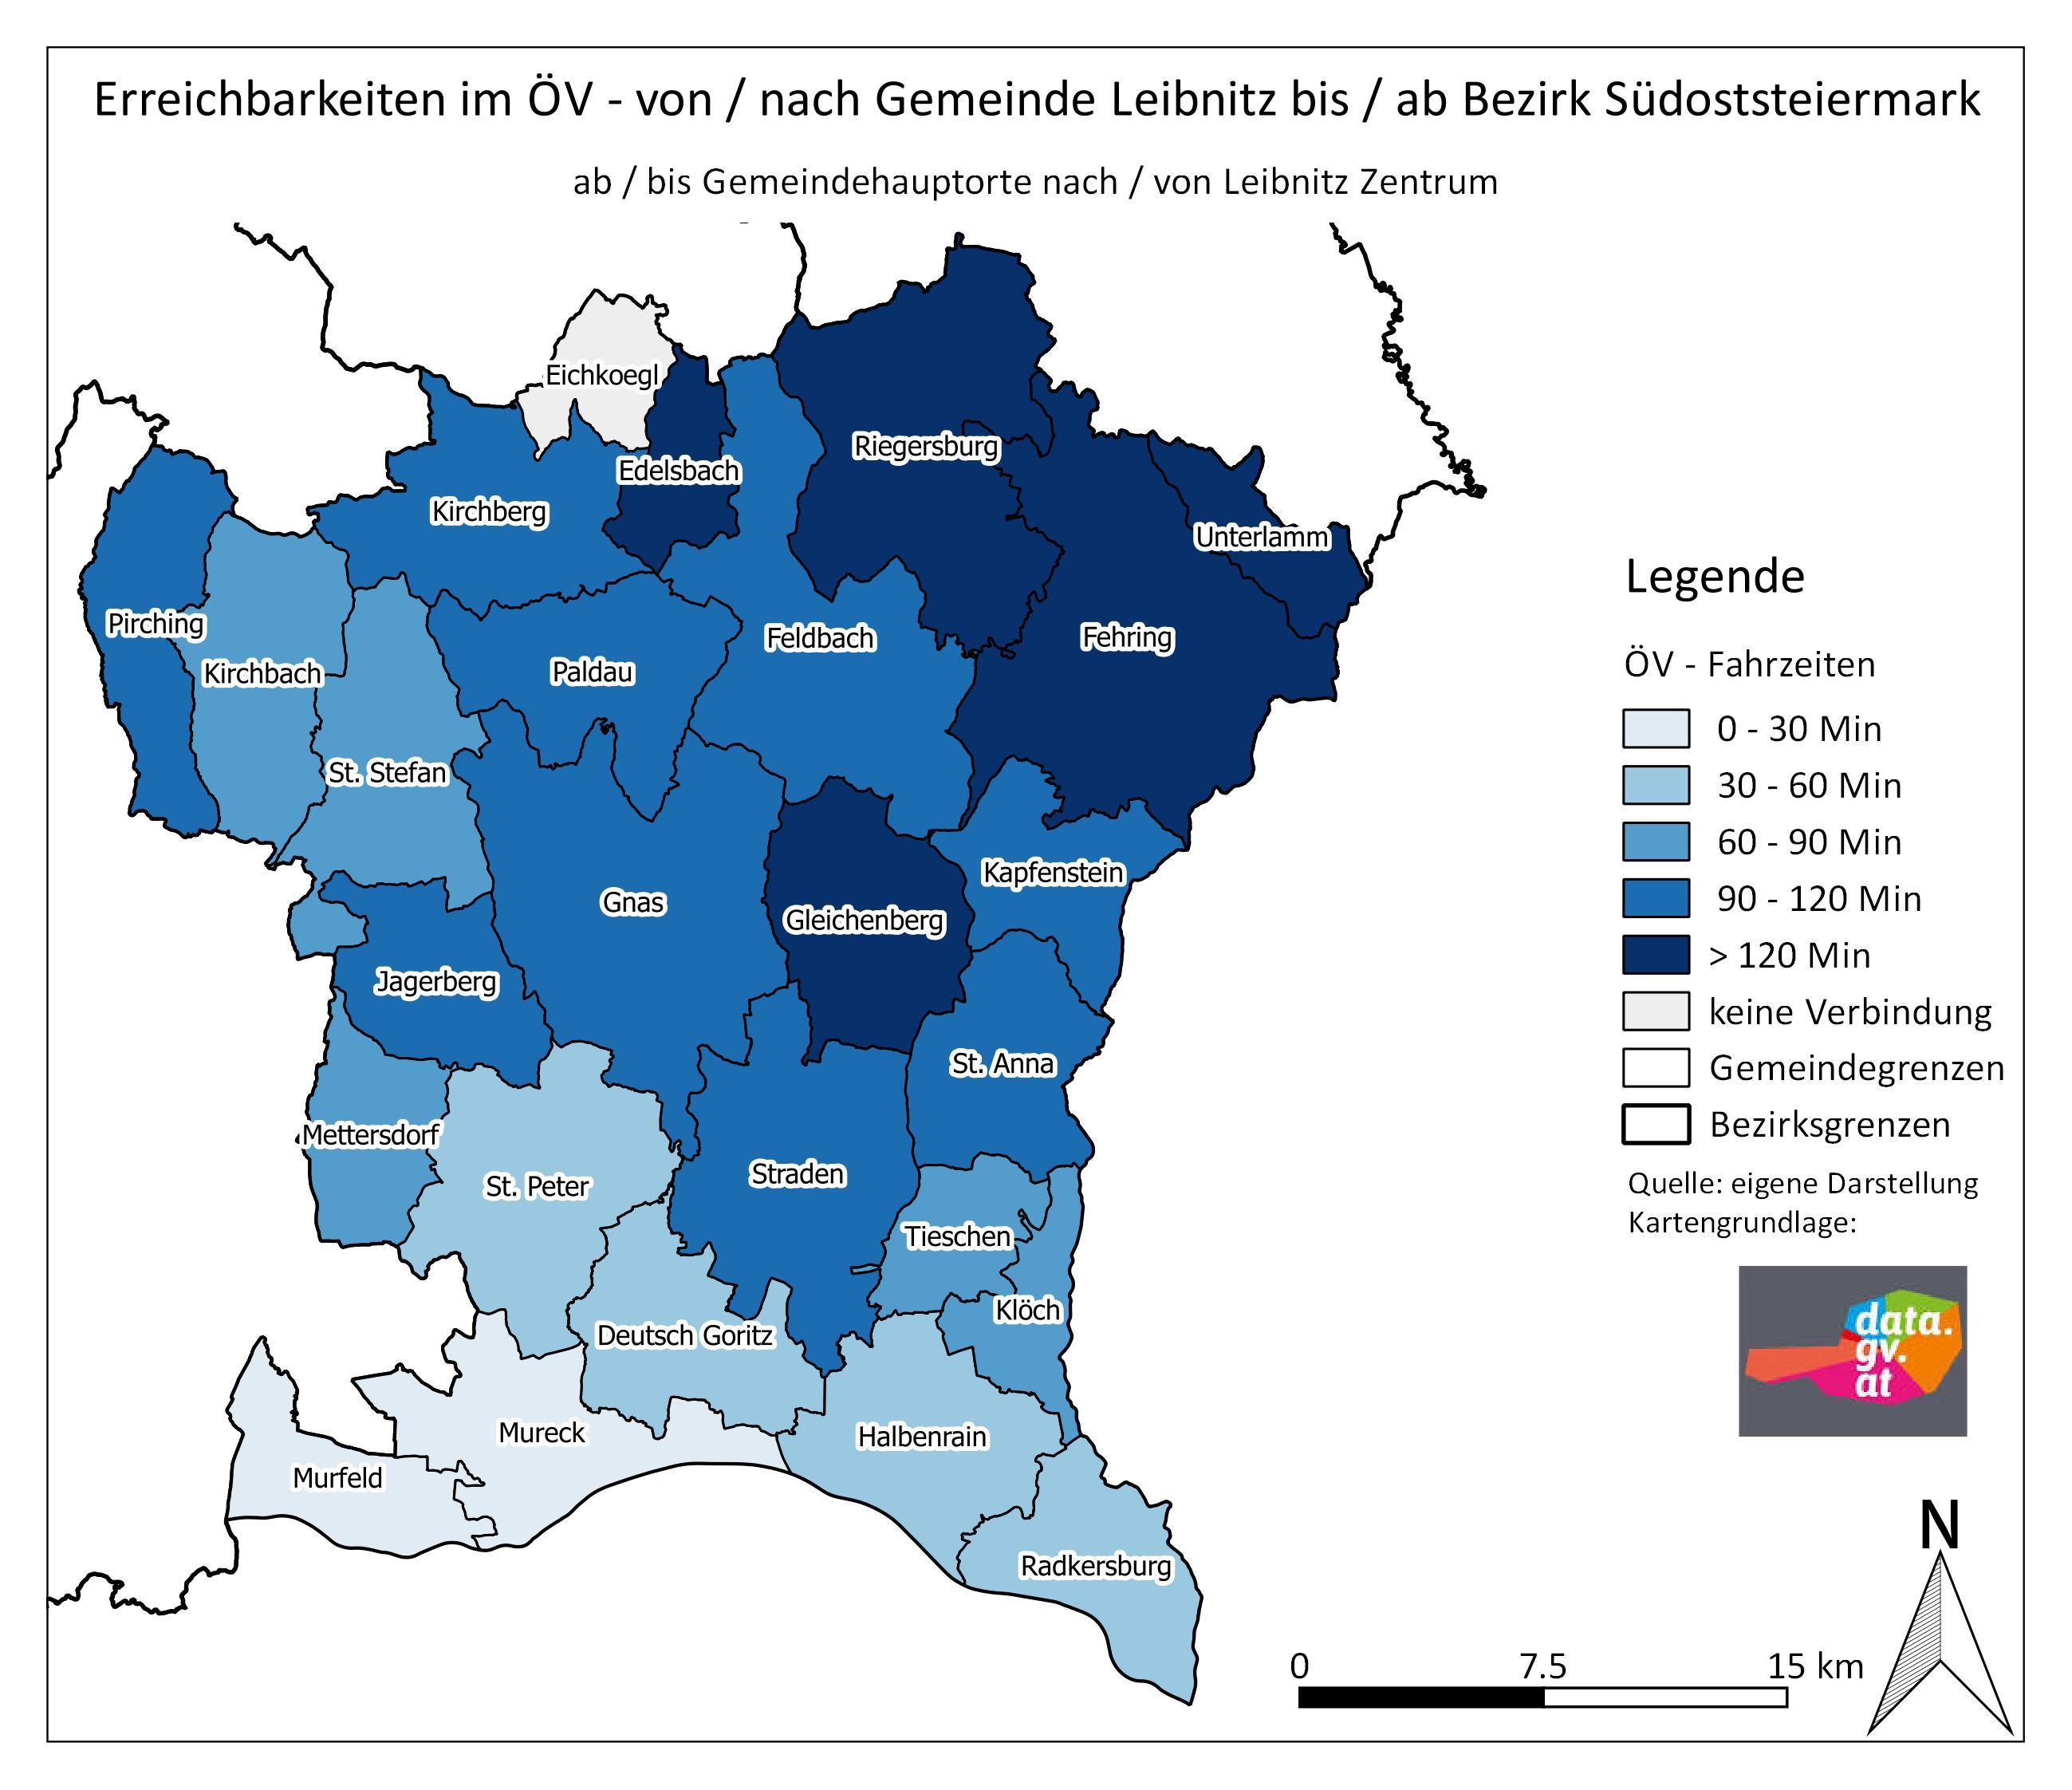 Erreichbarkeiten_OEV_Leibnitz_20170227